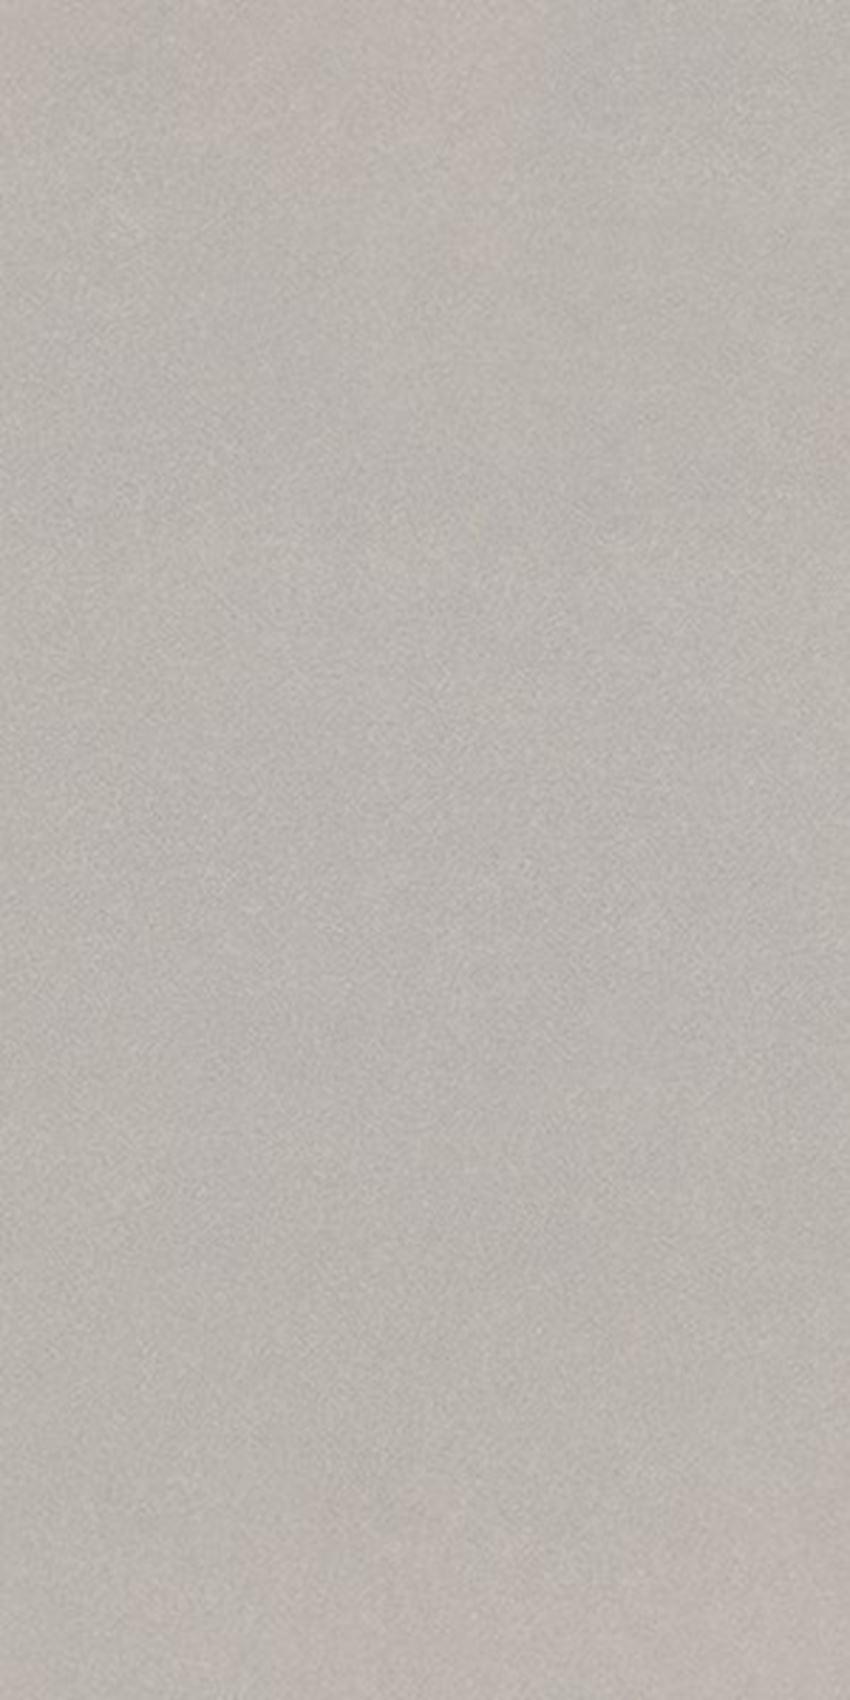 Płytka uniwersalna 29,7x59,7 cm Nowa Gala Monotec MT 10